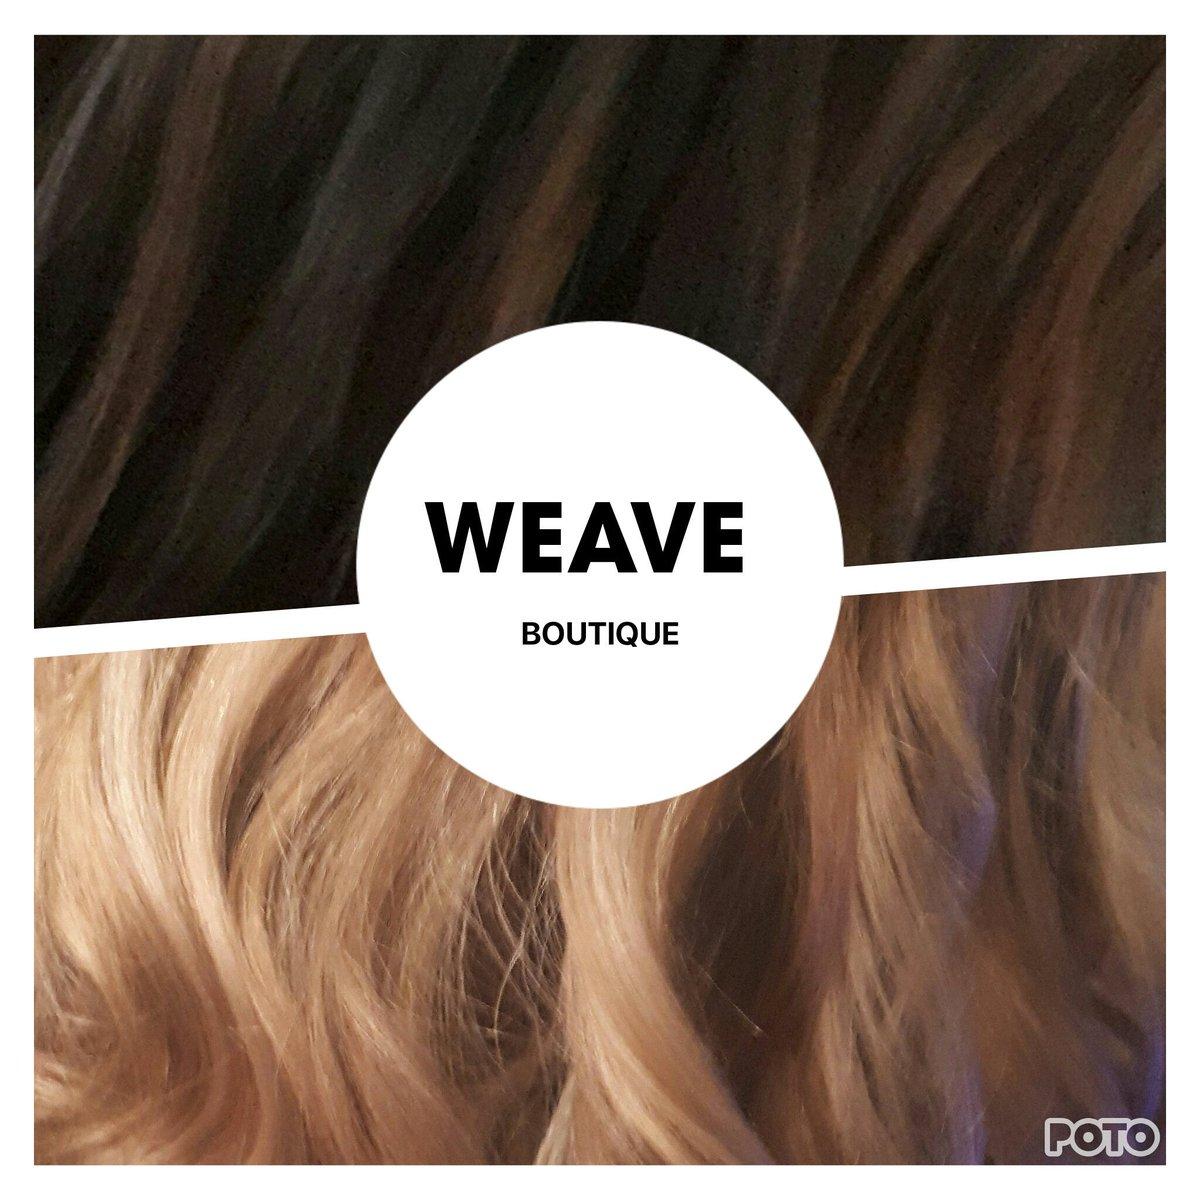 Weave Boutique Weaveboutique2 Twitter